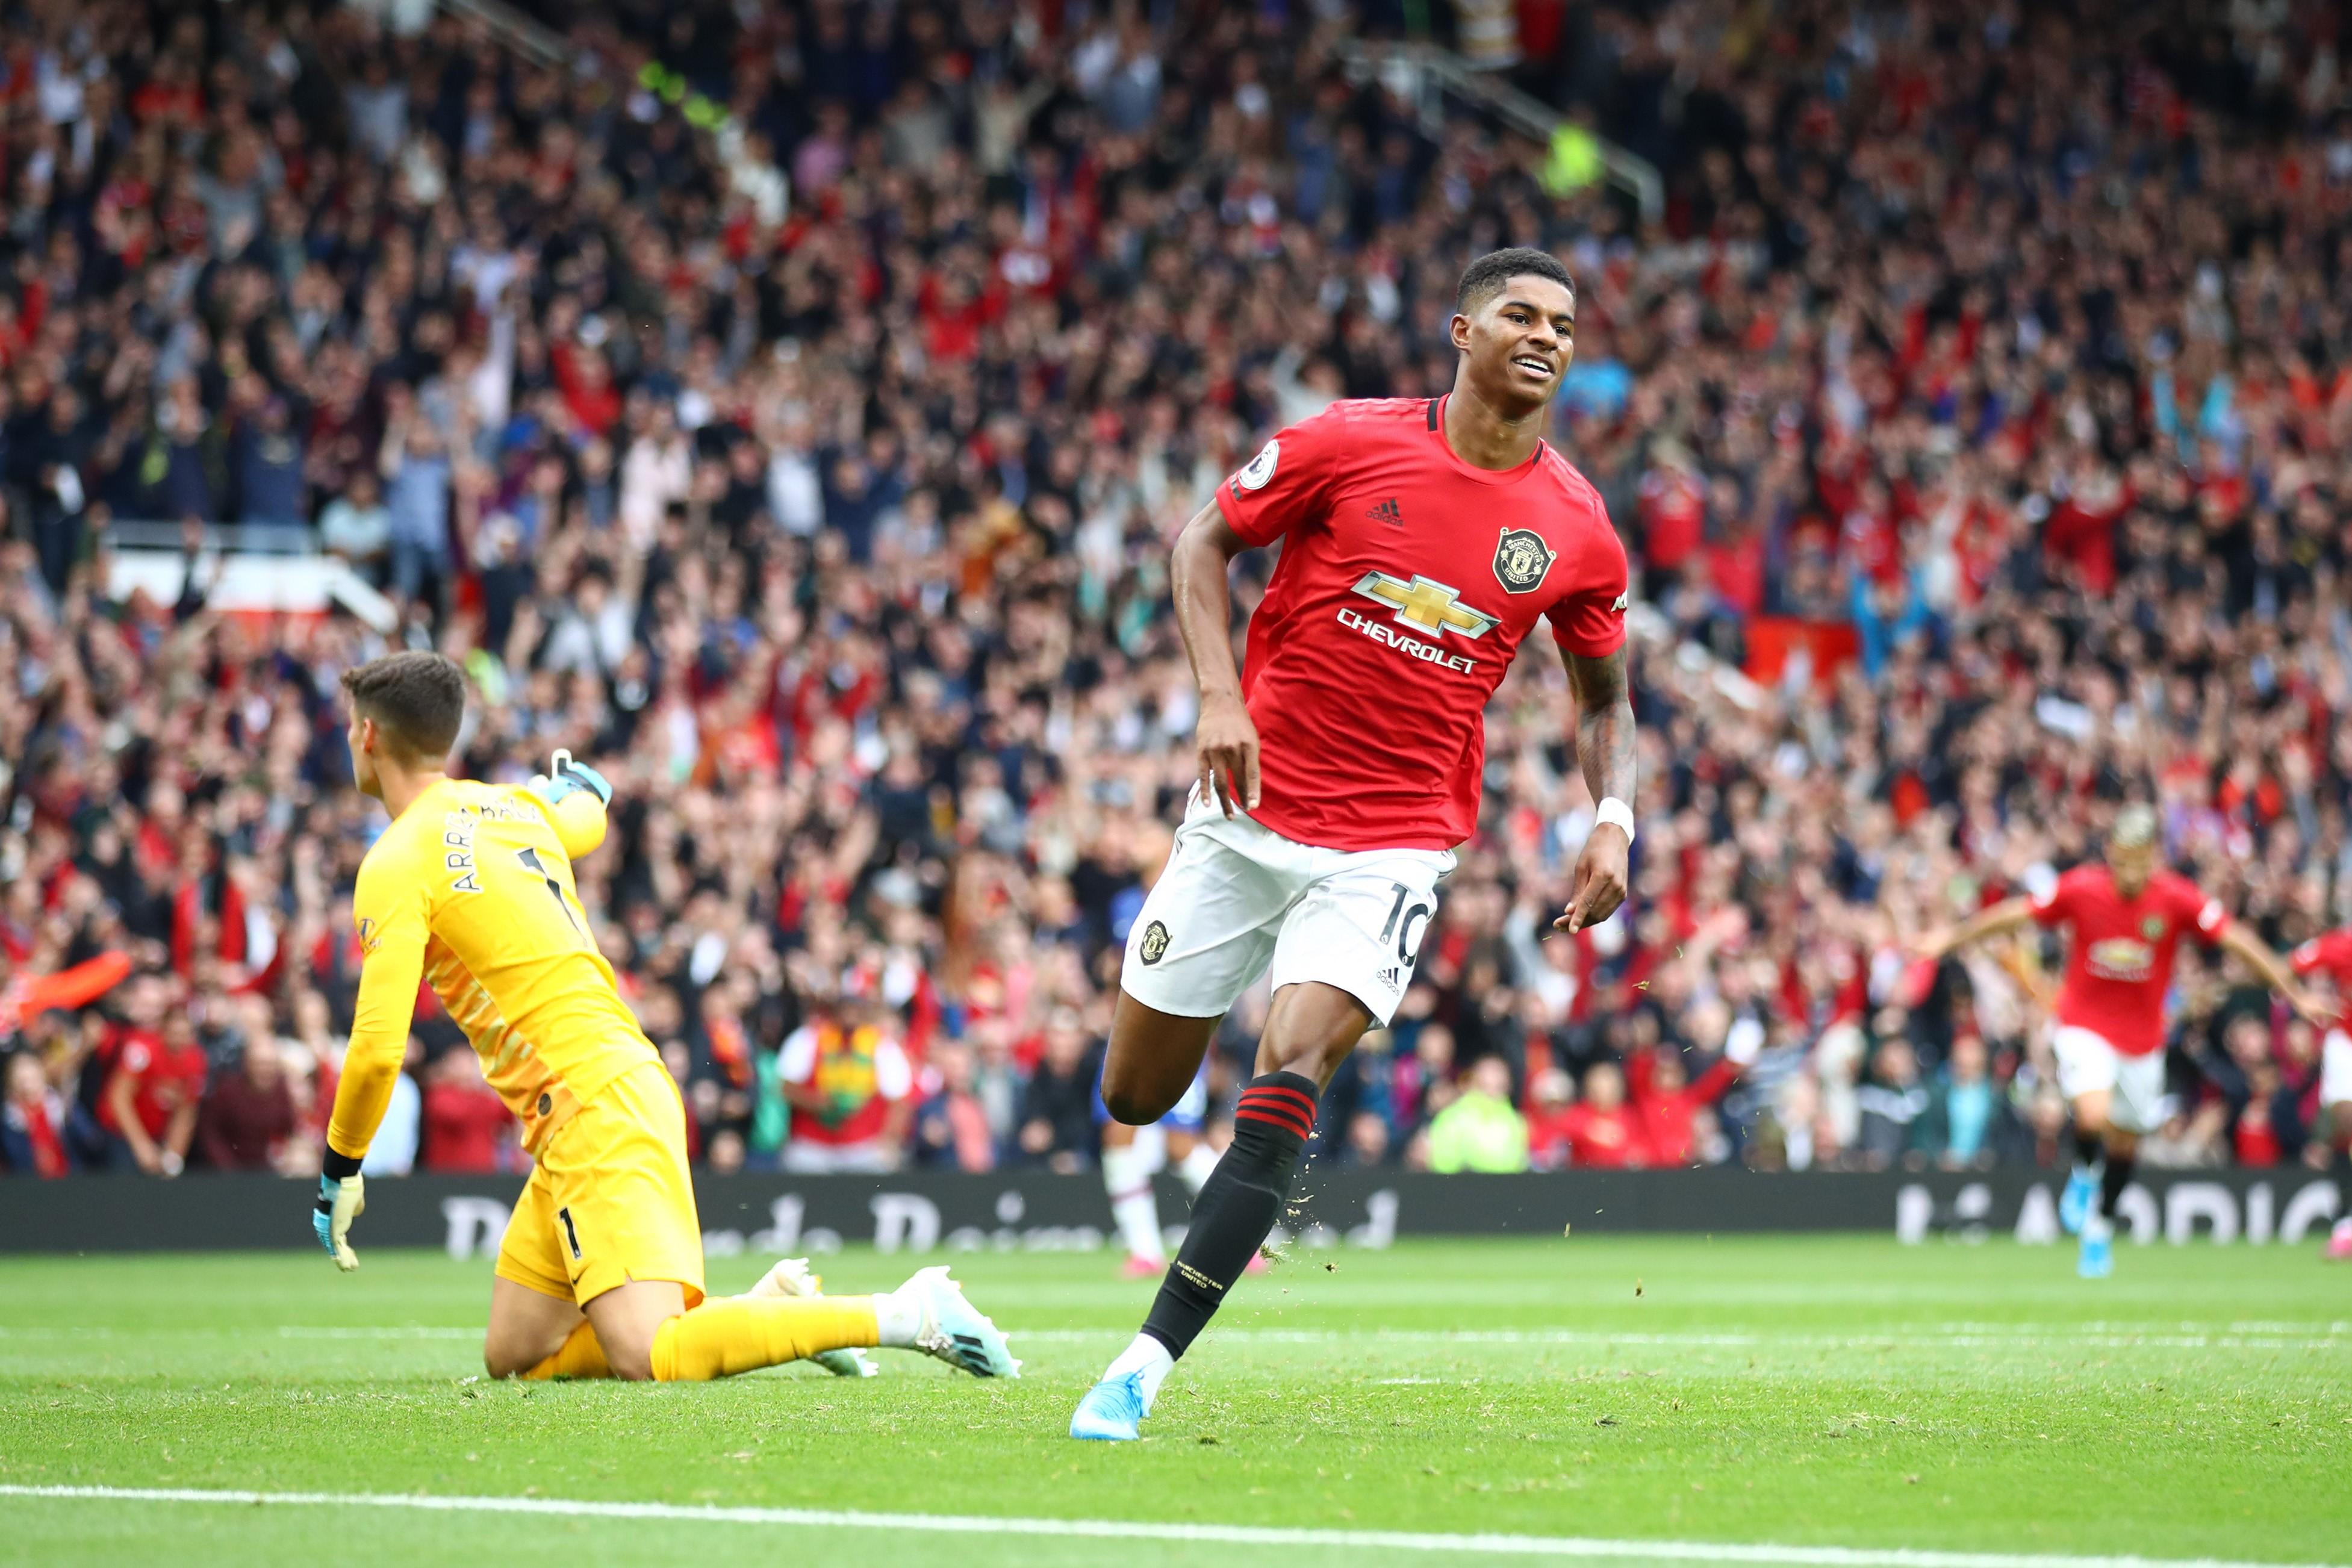 Marcus Rashford lors de Manchester United-Chelsea / Premier League